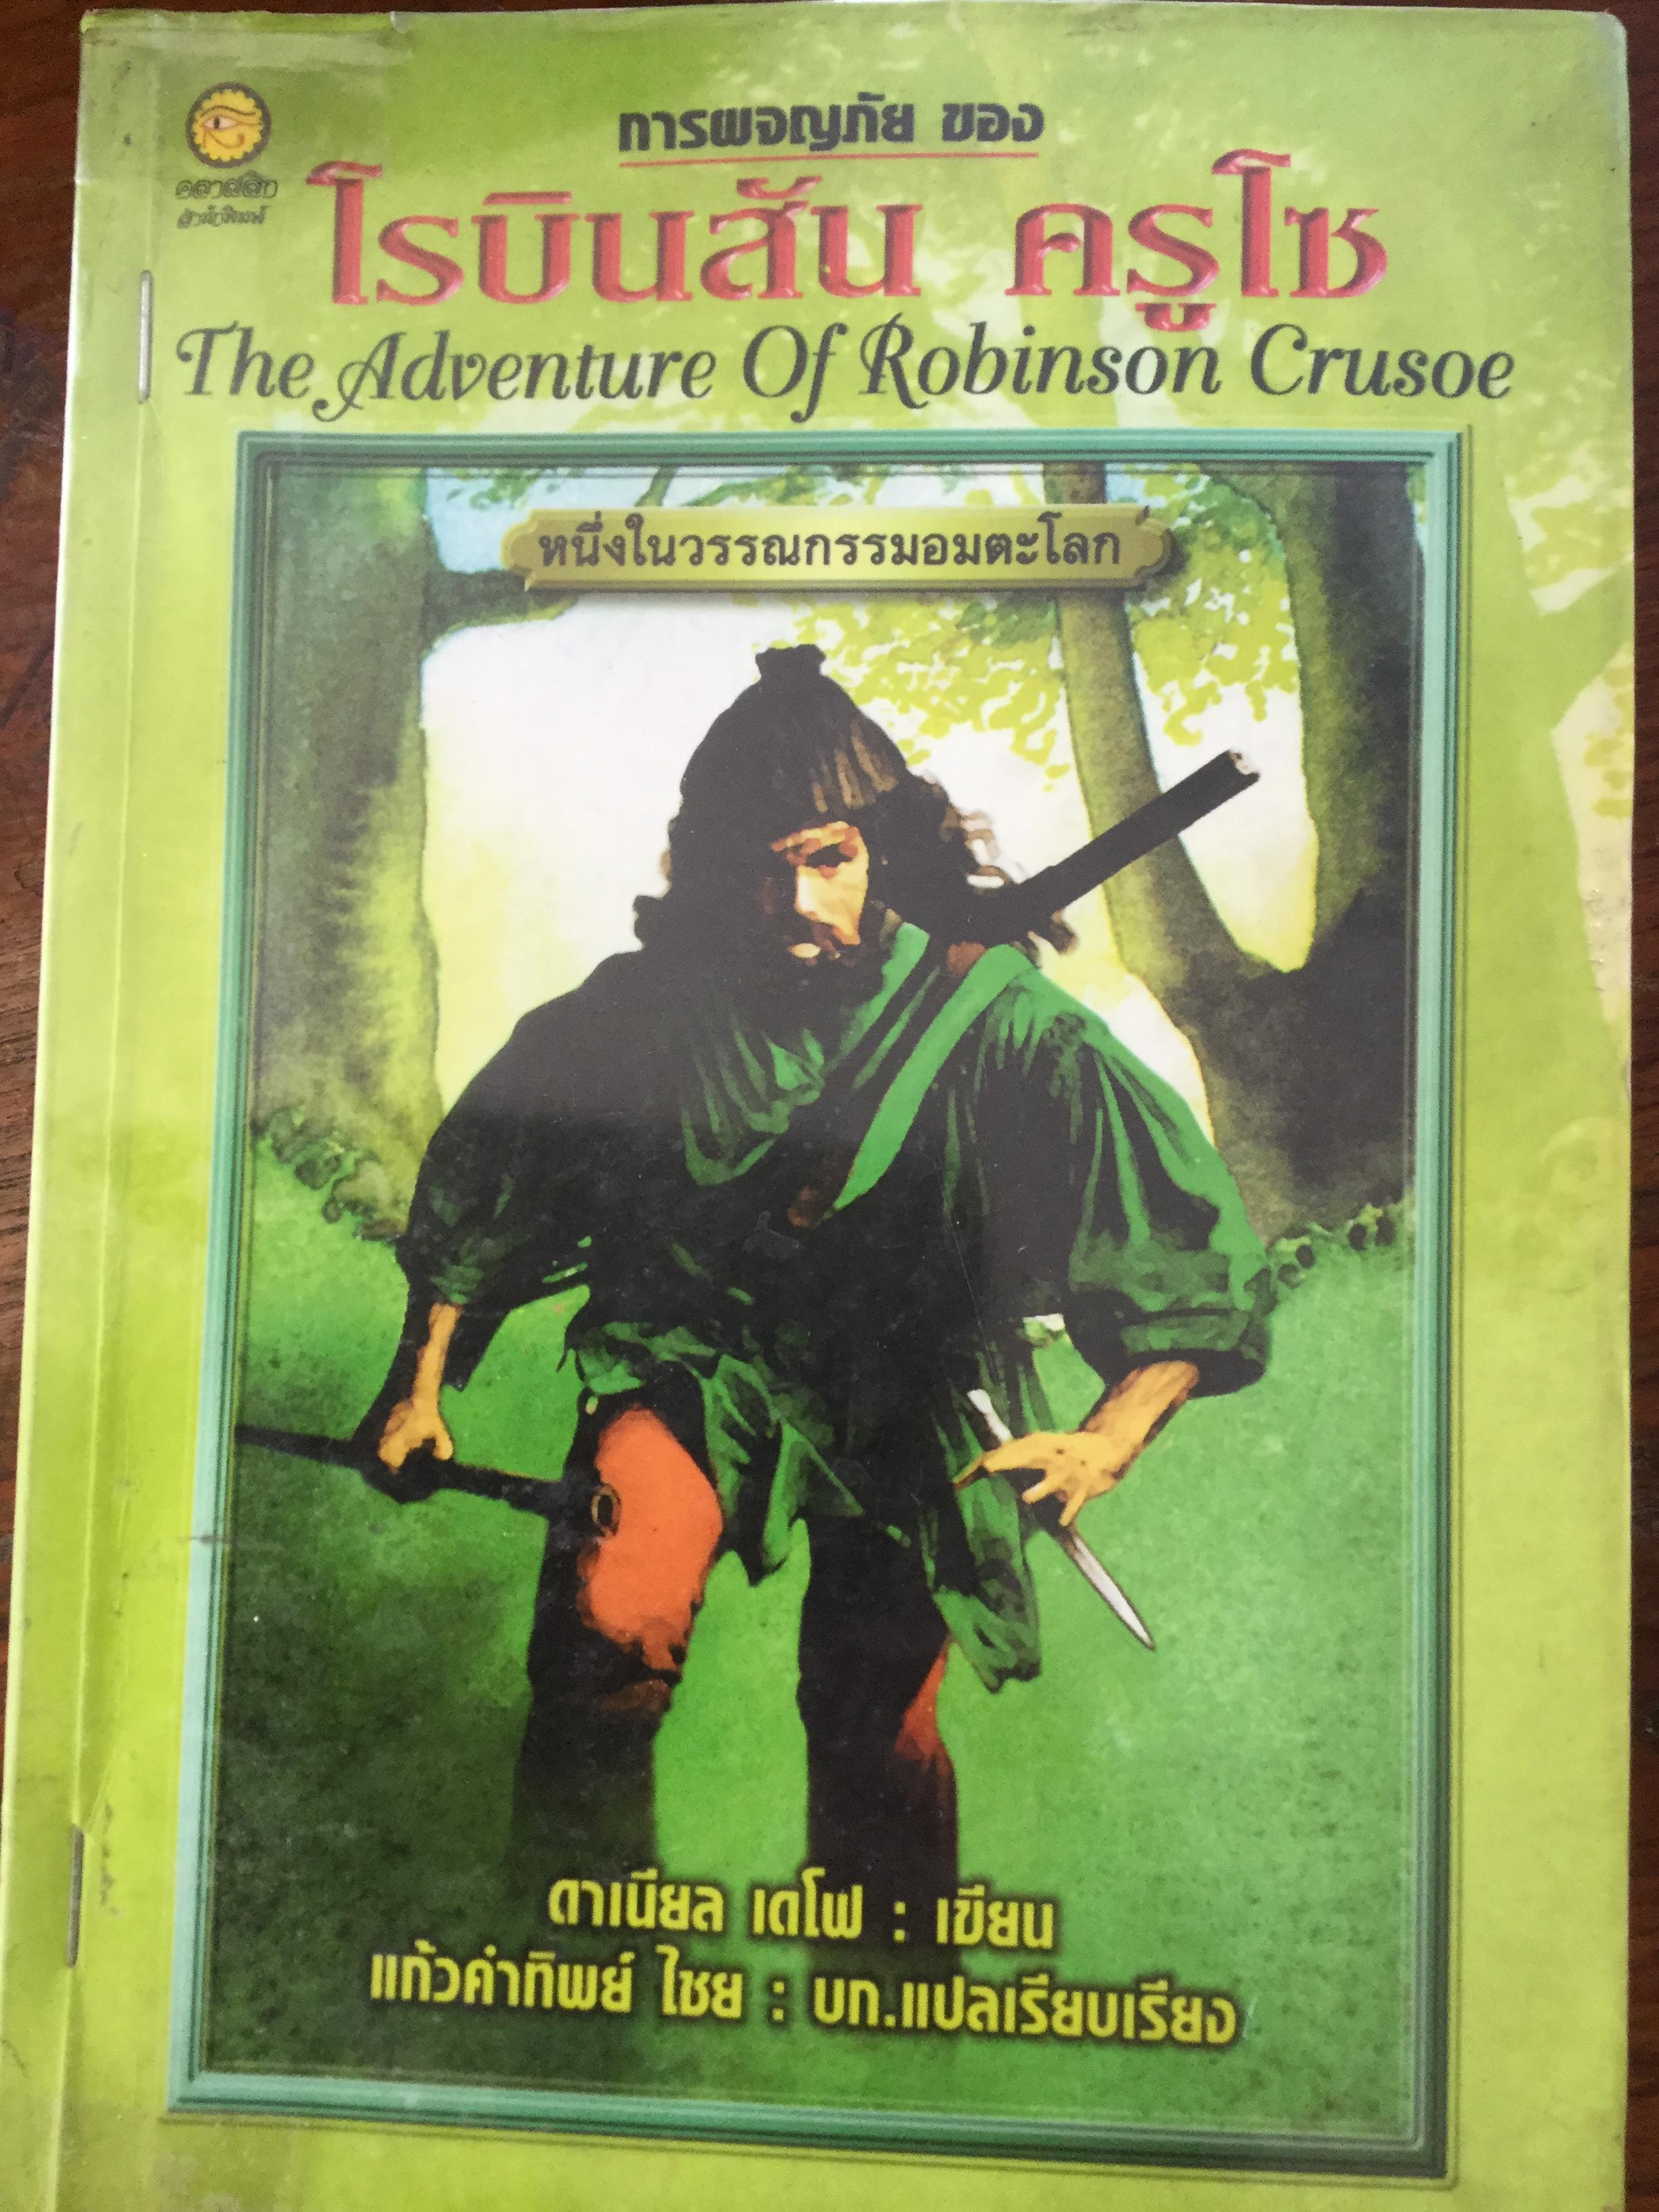 การผจญภัยของ โรบินสัน ครูโซ. The Adventure of Robinson Crusoe หนึ่งในวรรณกรรมอมตะโลก. ผู้เขียน ดาเนียล เดโฟ. บก.แปลเรียบเรียง แก้วคำทิพย์ ไชย